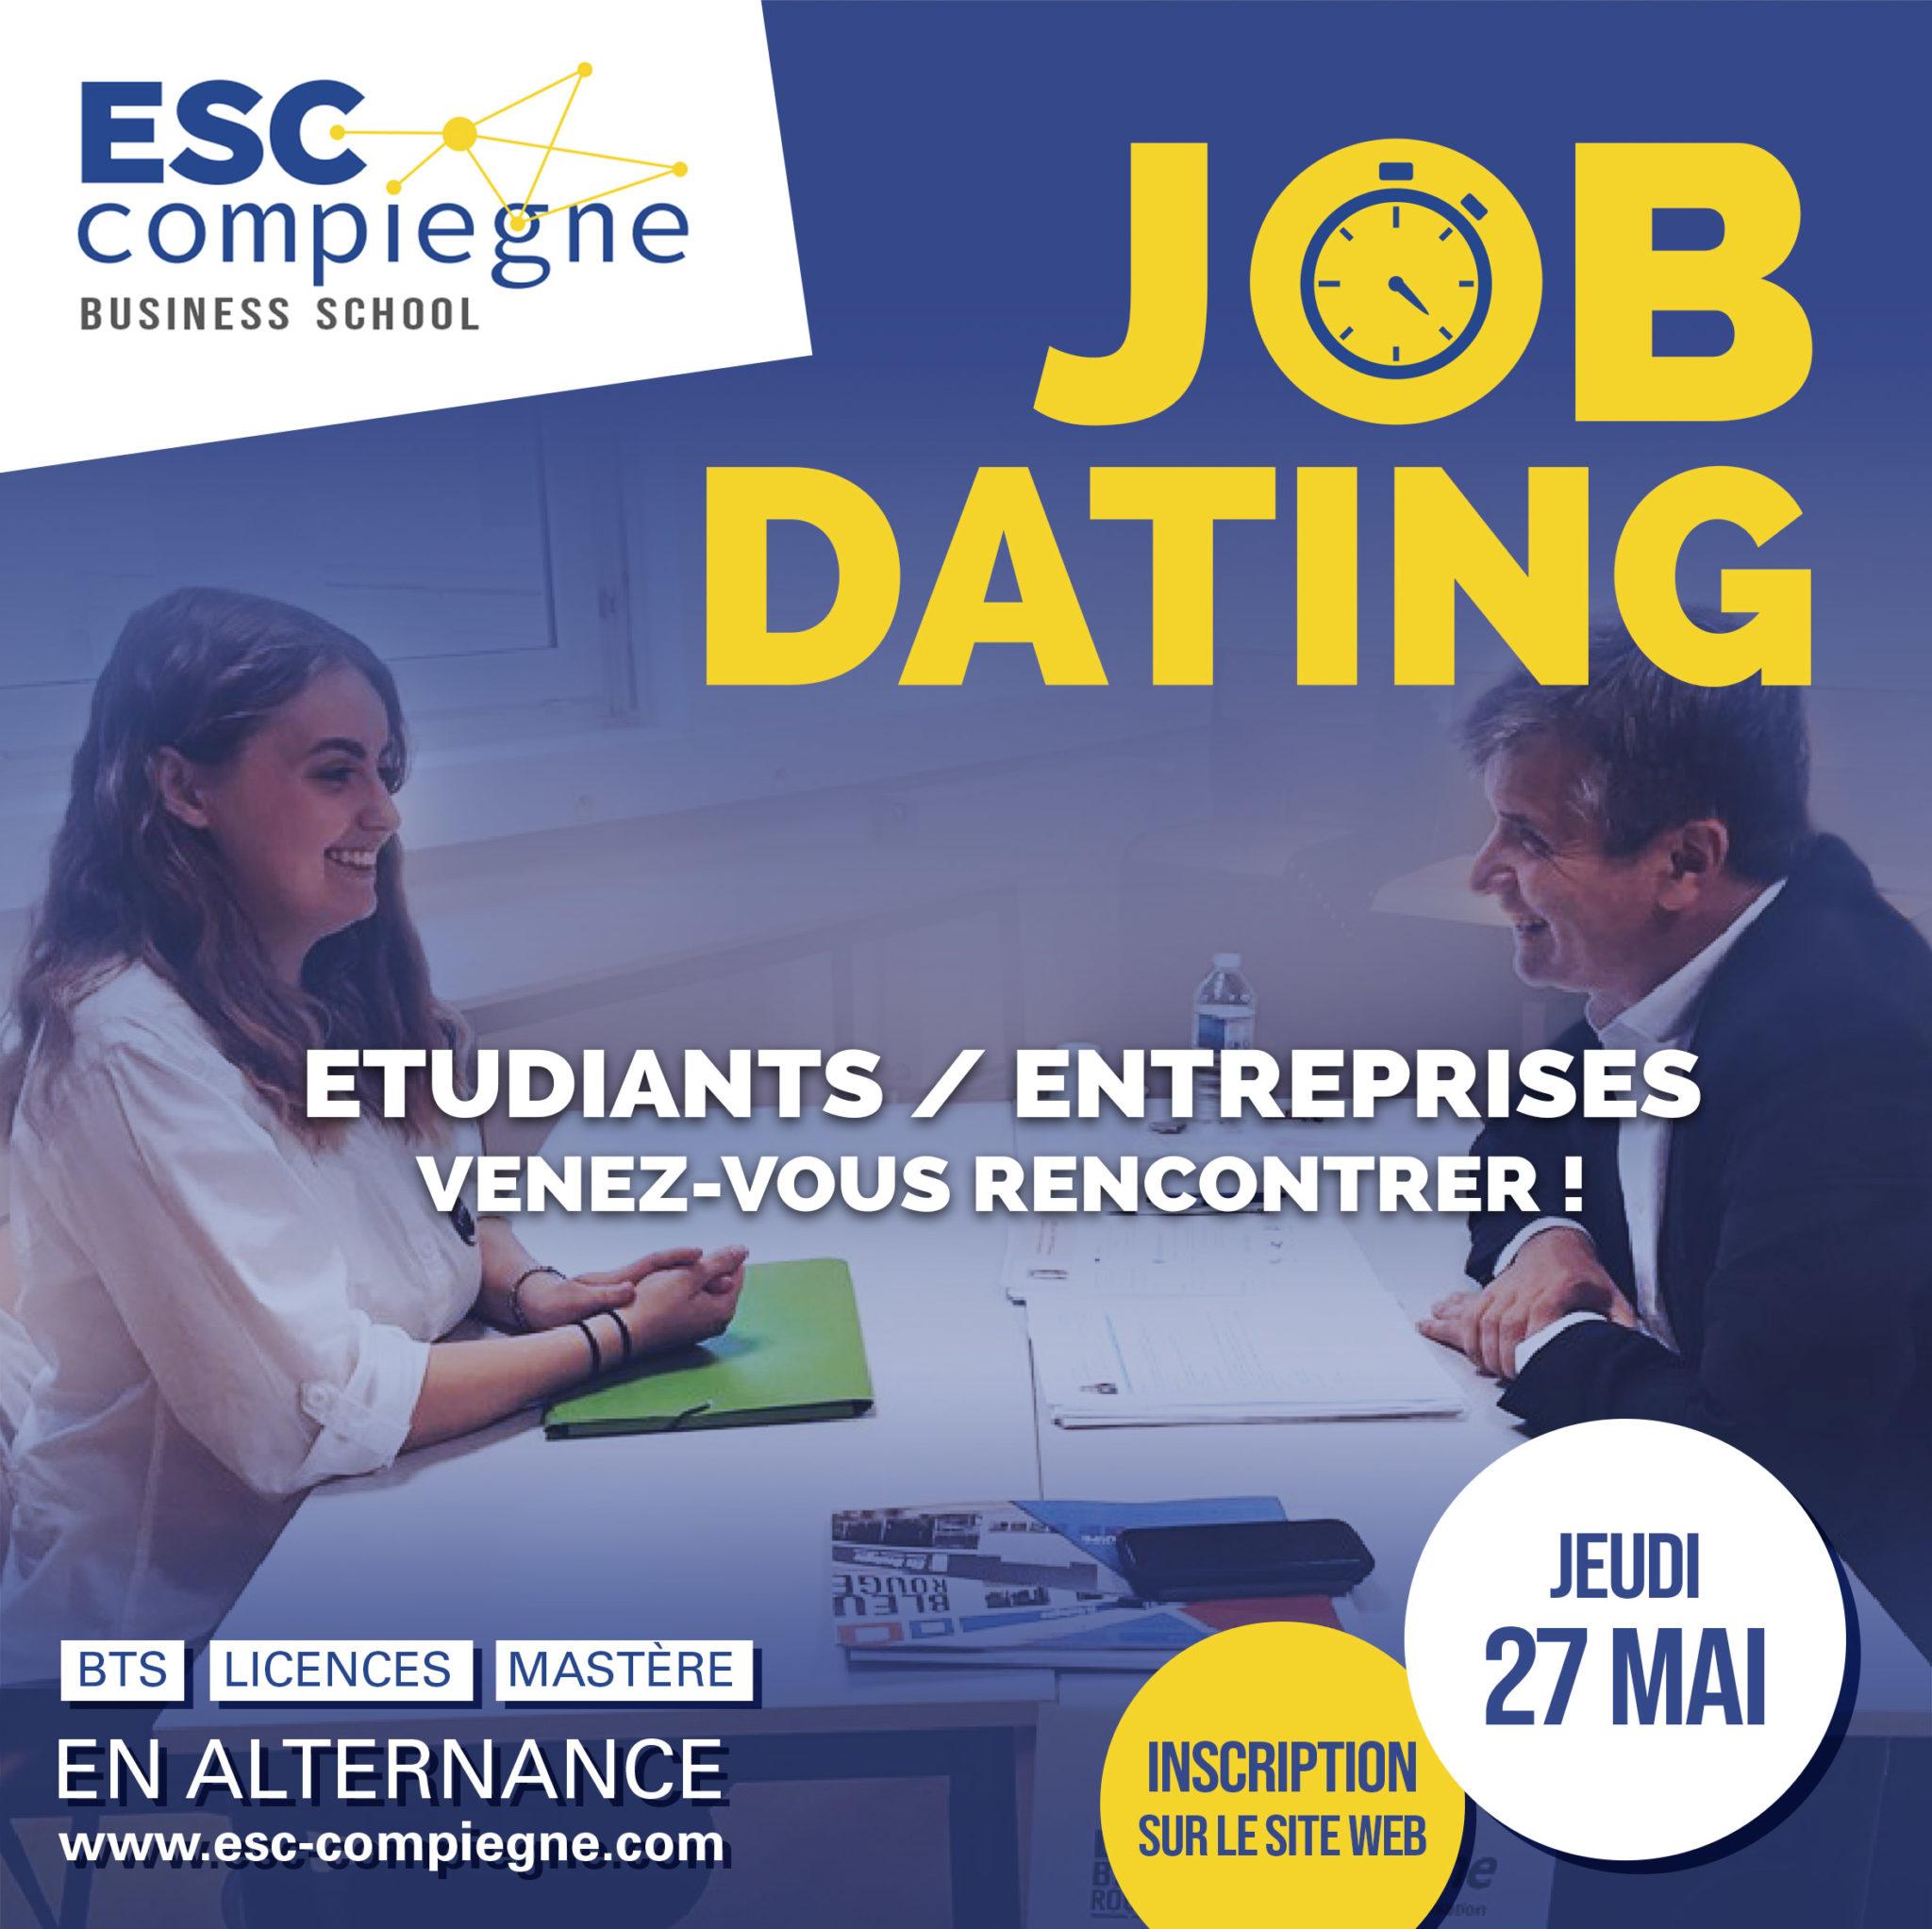 ESCC-Job-Dating-2021-Insta